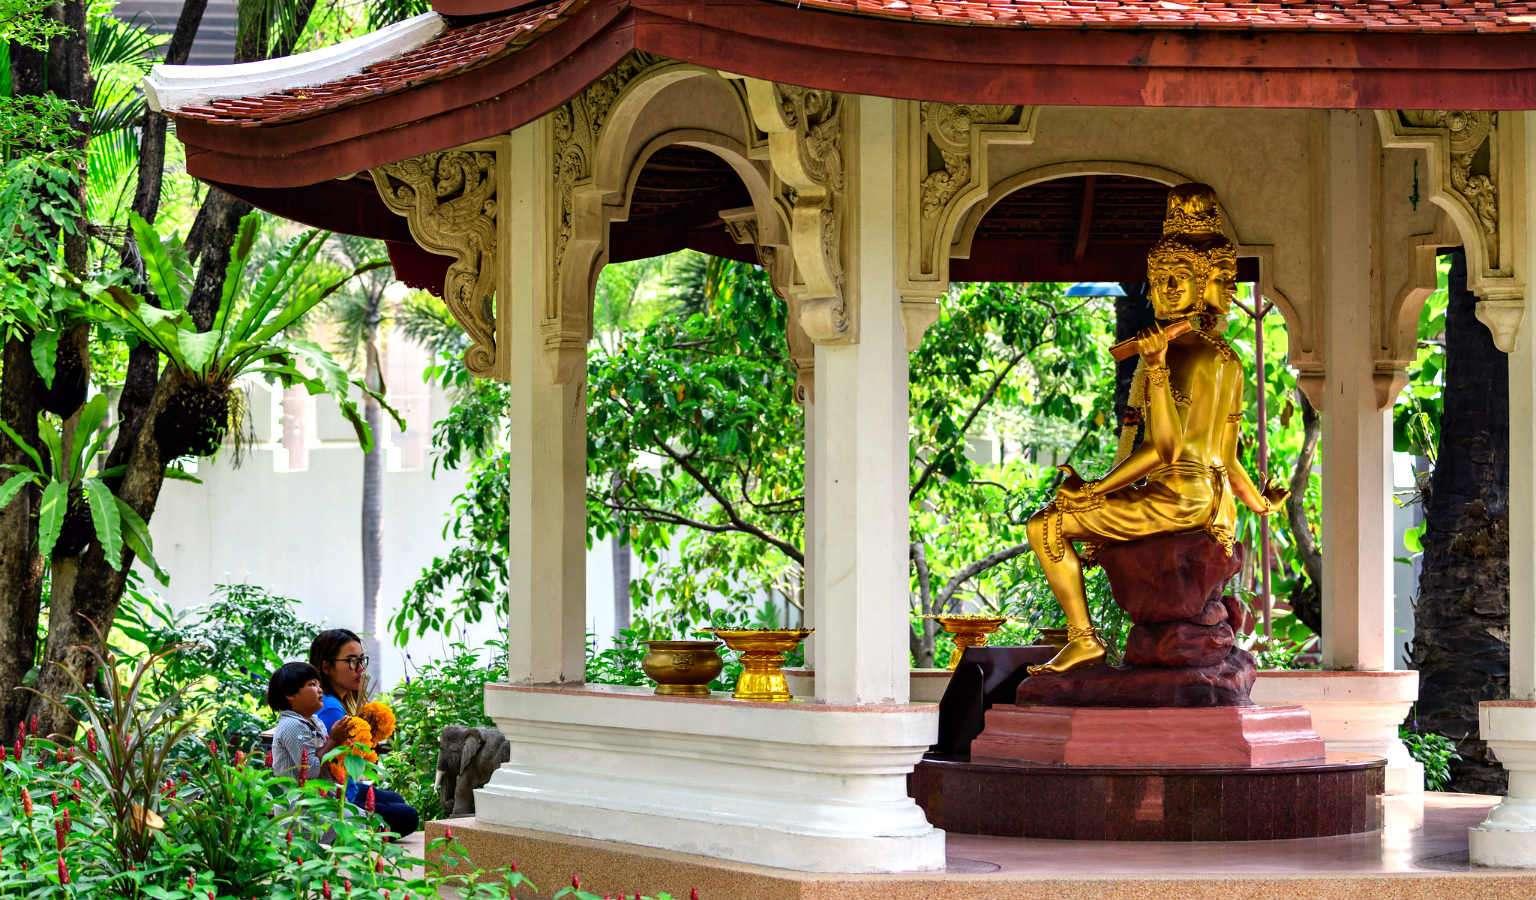 schaduwrijke sprookjesachtige tuin met bruggetjes en bijzondere beelden in de tuin van het Erawan Museum in Bangkok zoals van de god Phra Phrom